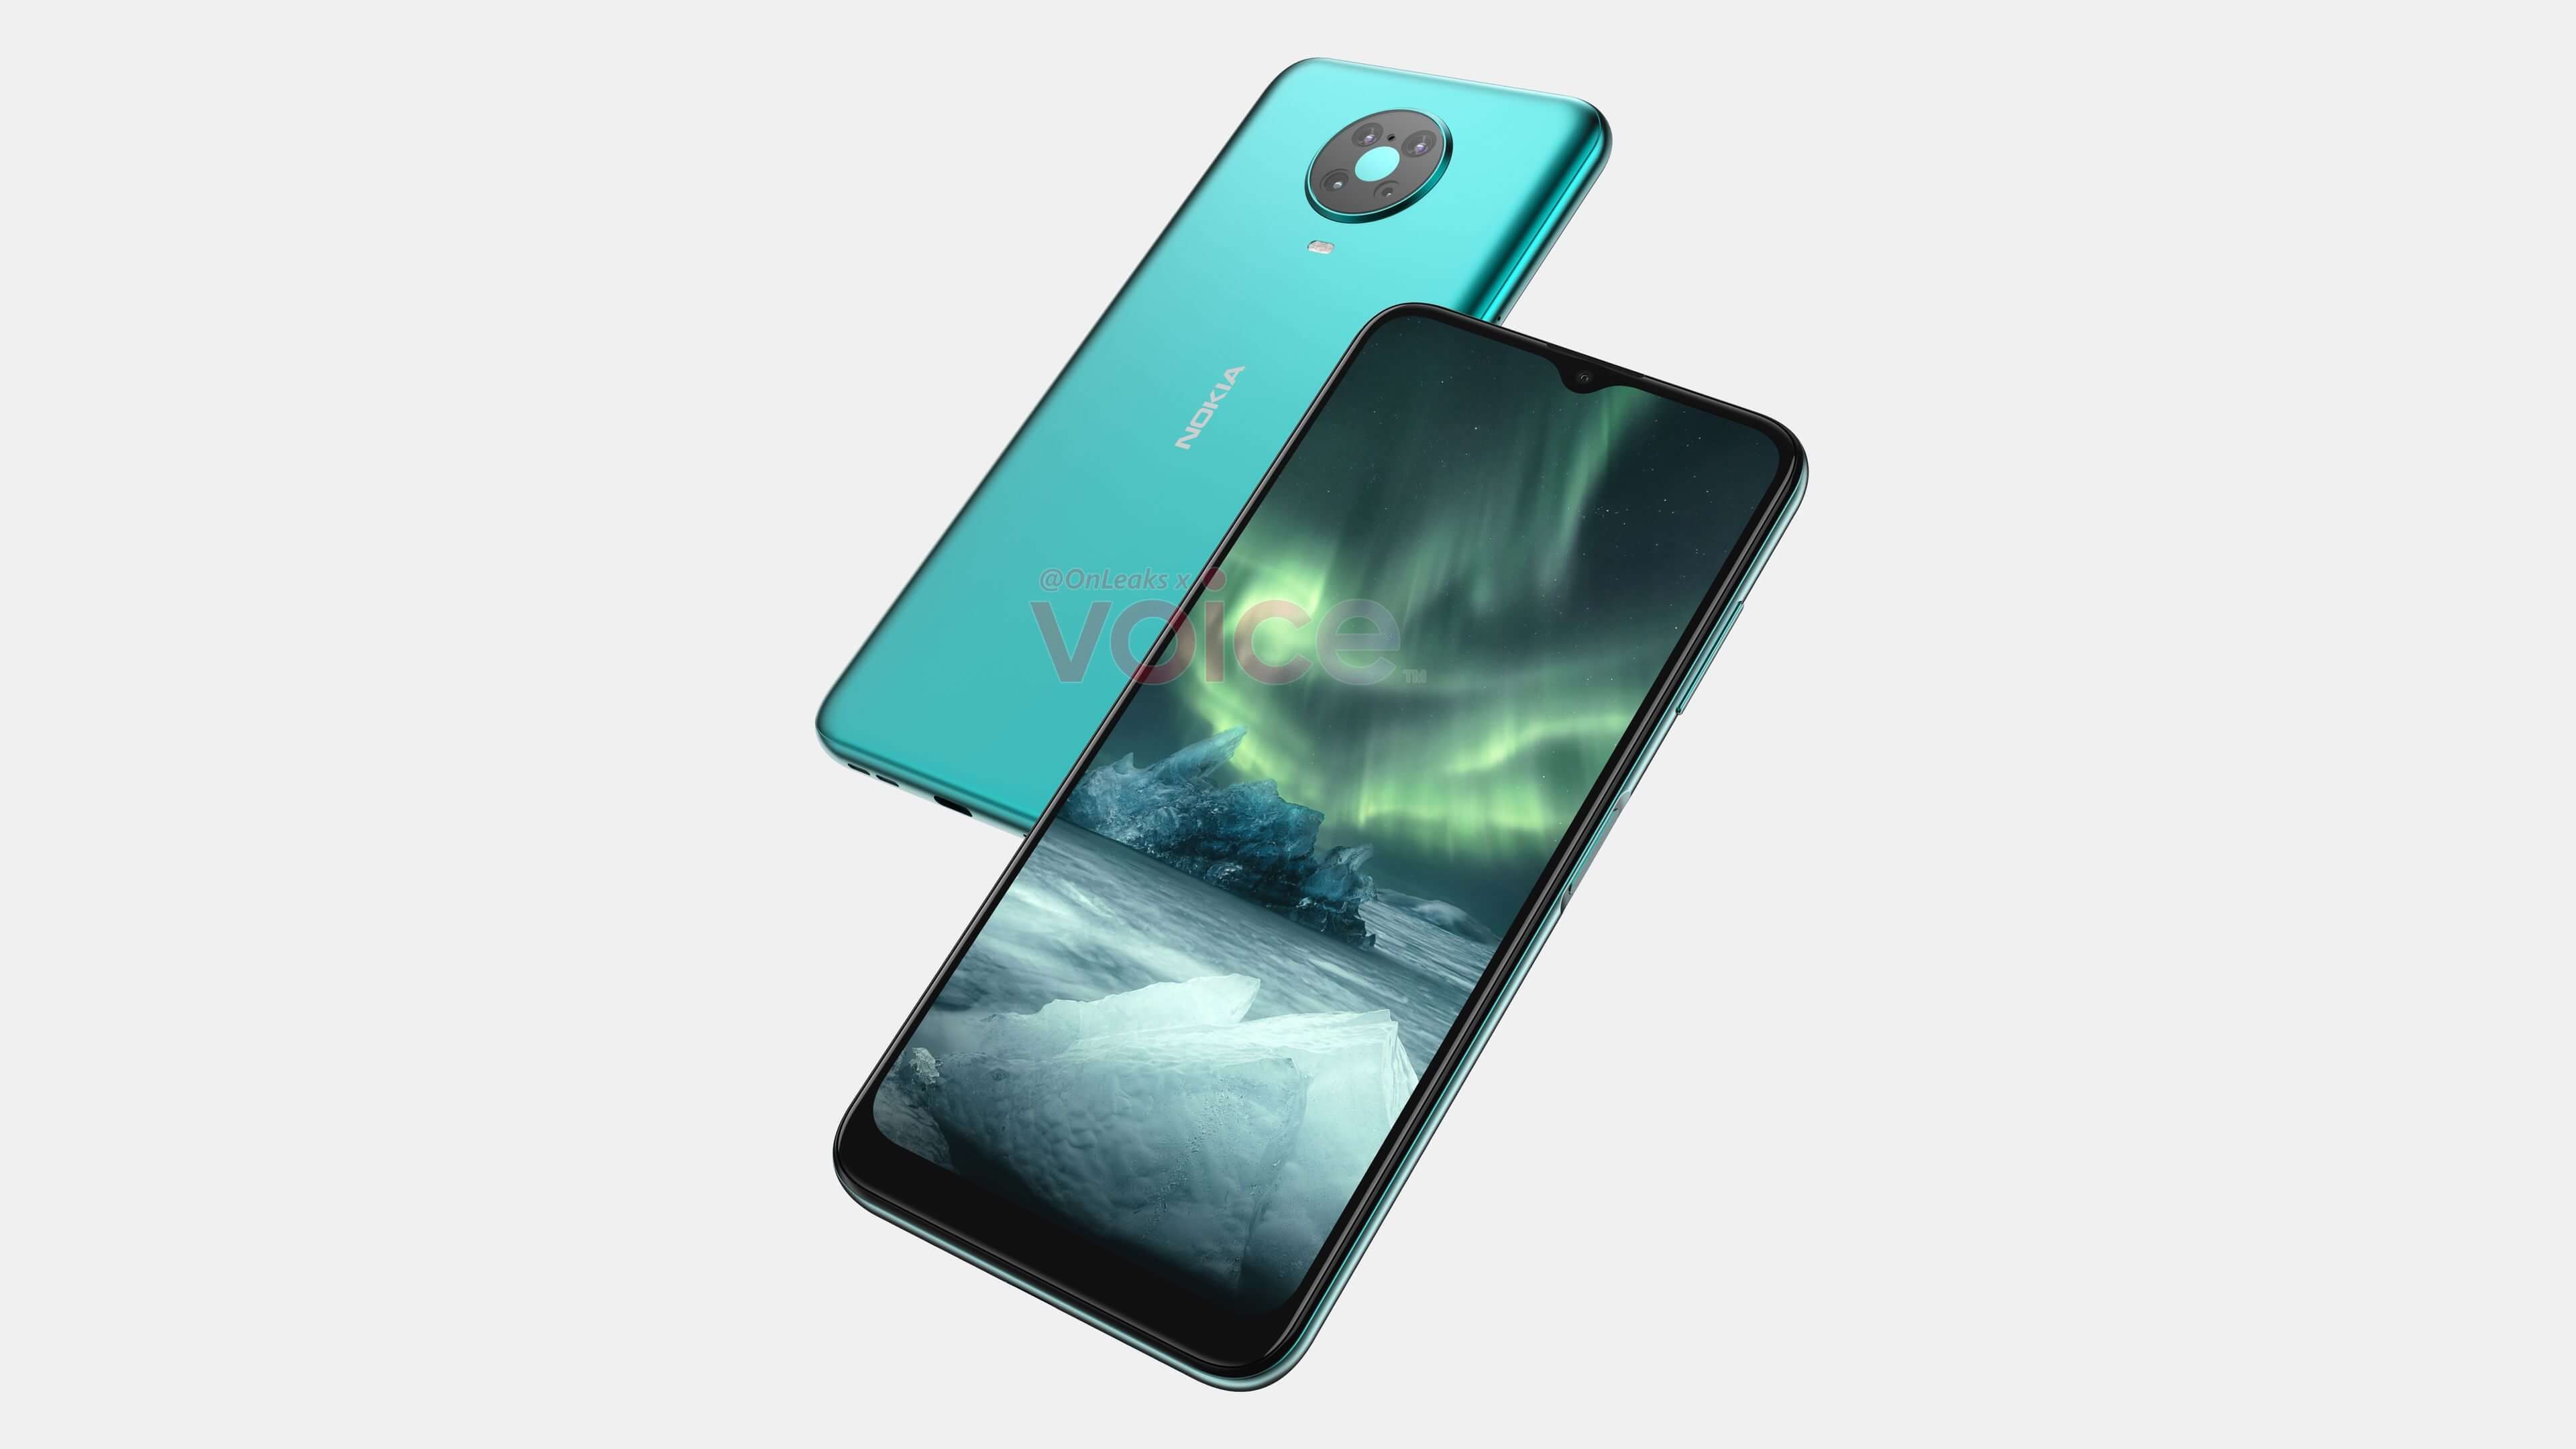 Дизайн следующего смартфона Nokia раскрыт на рендерах